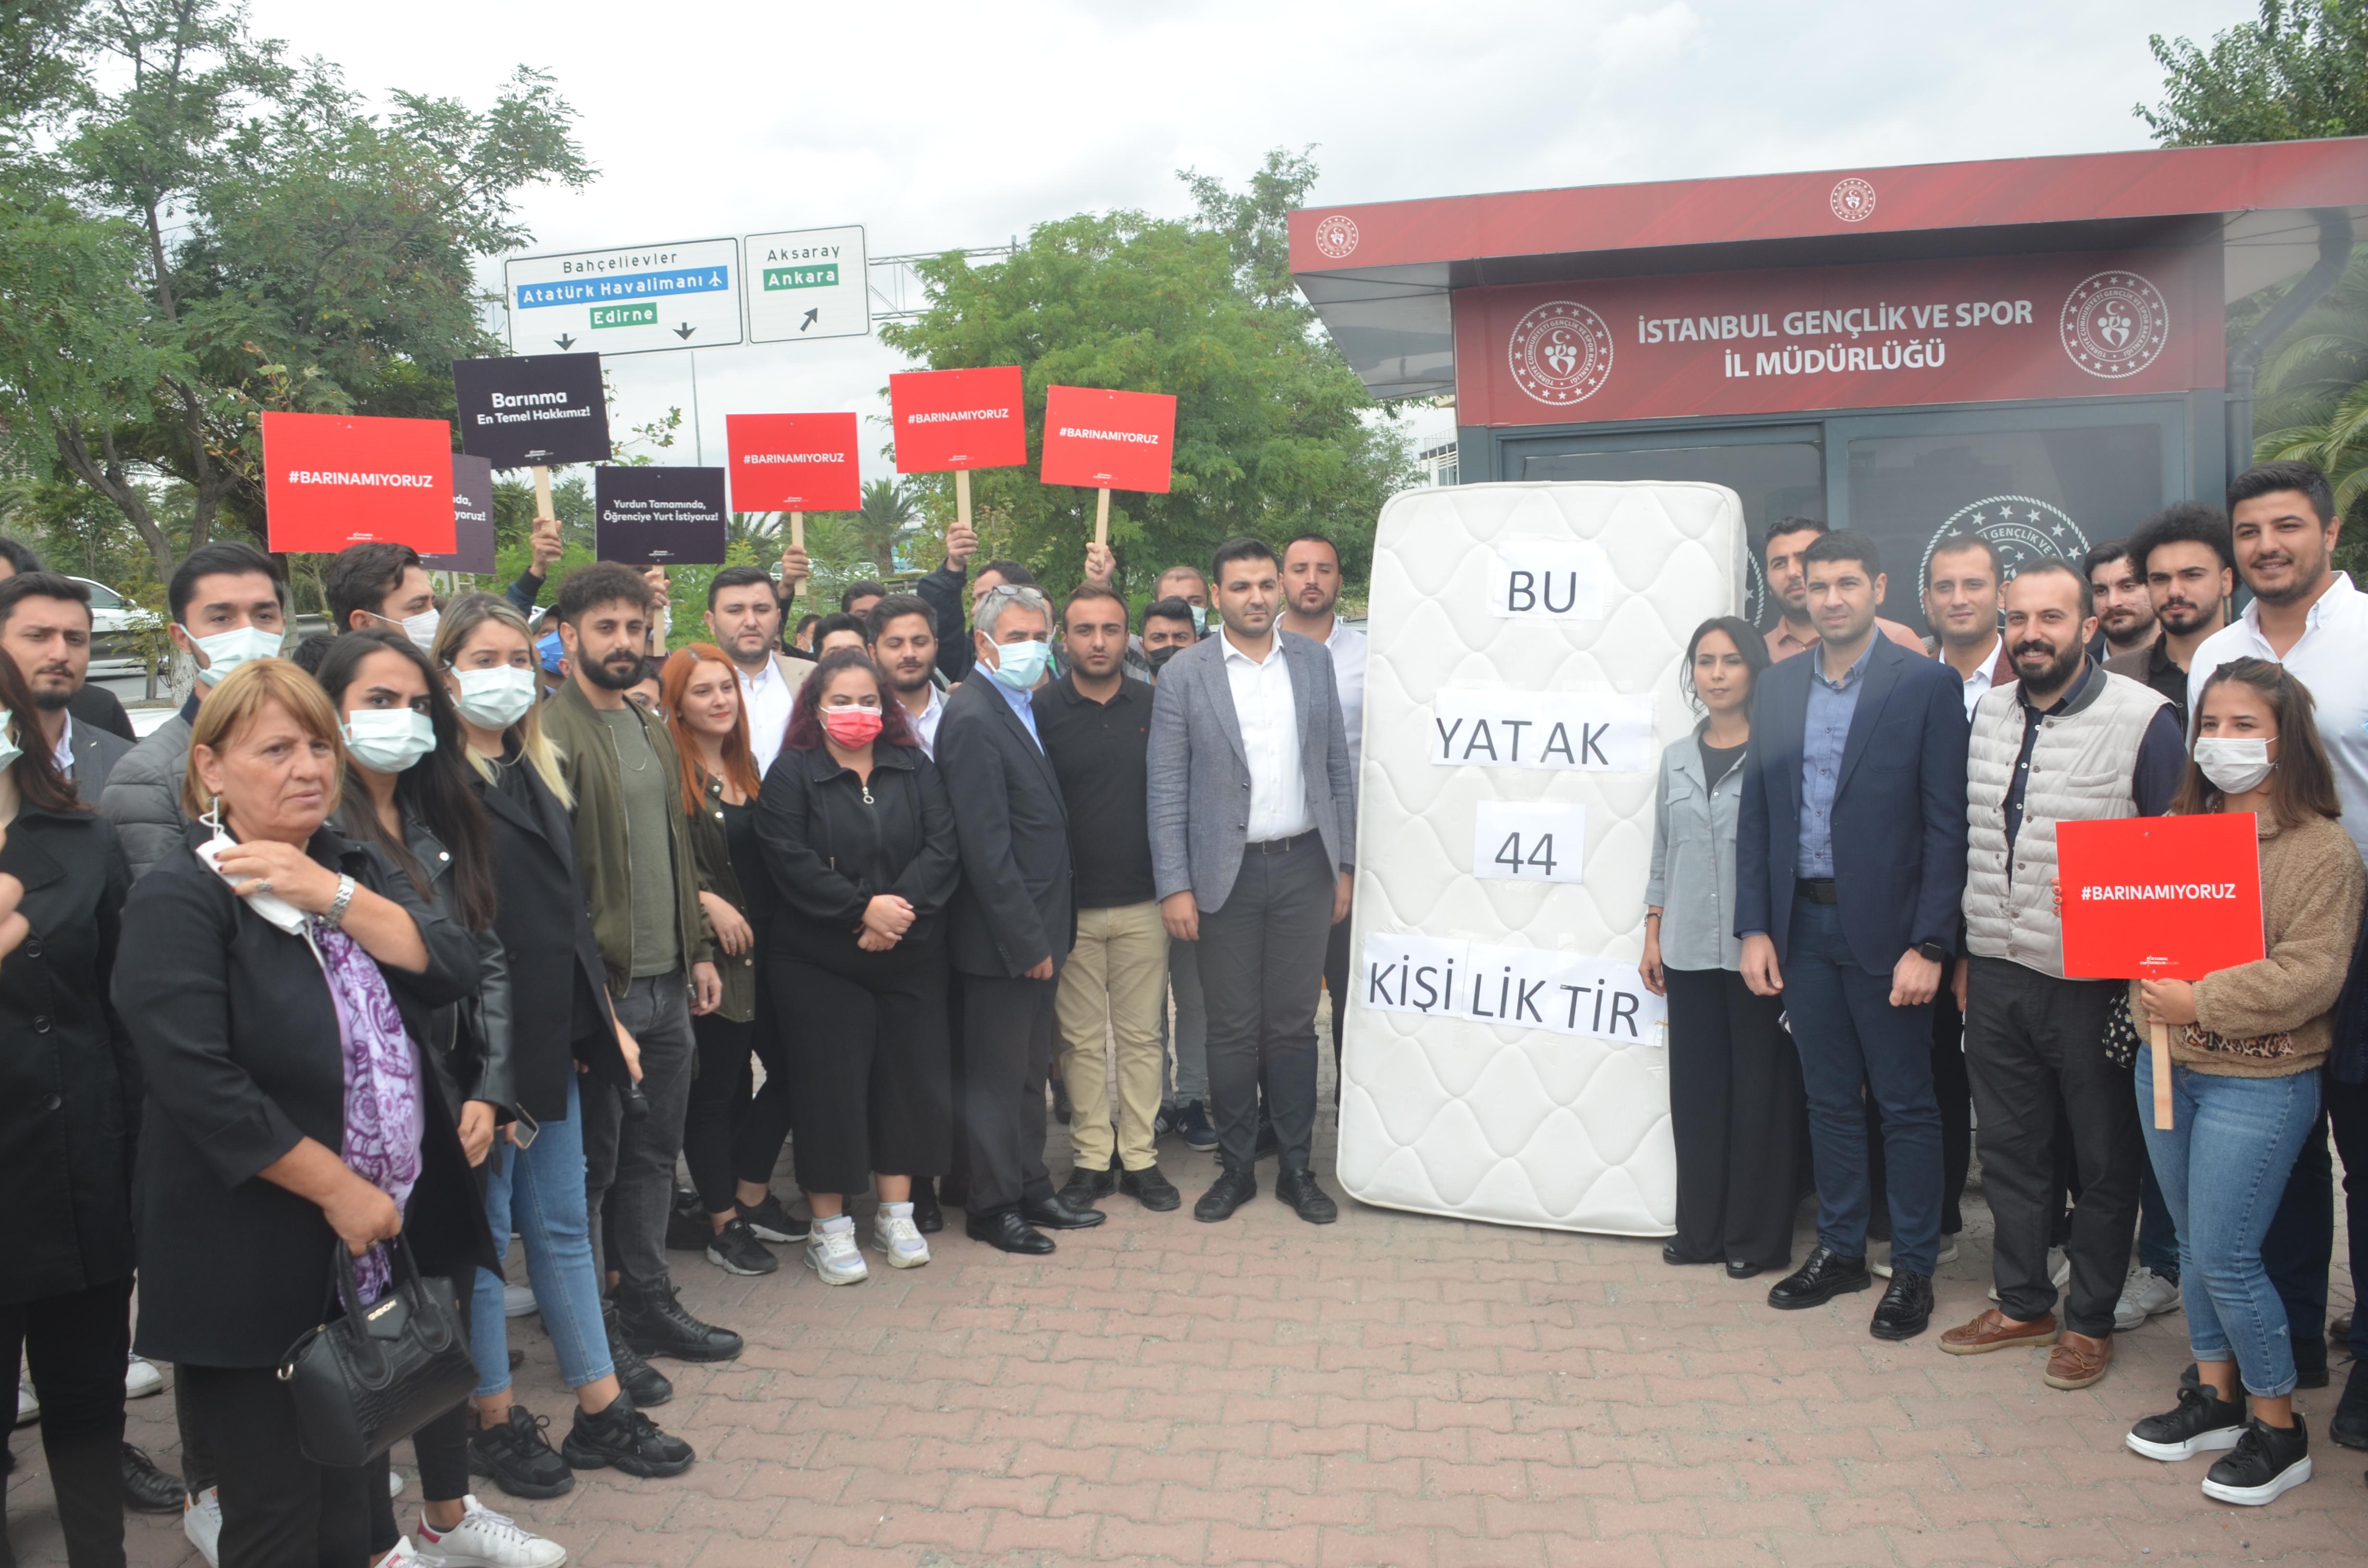 CHP'li gençler: 44 kişiye 1 yatak